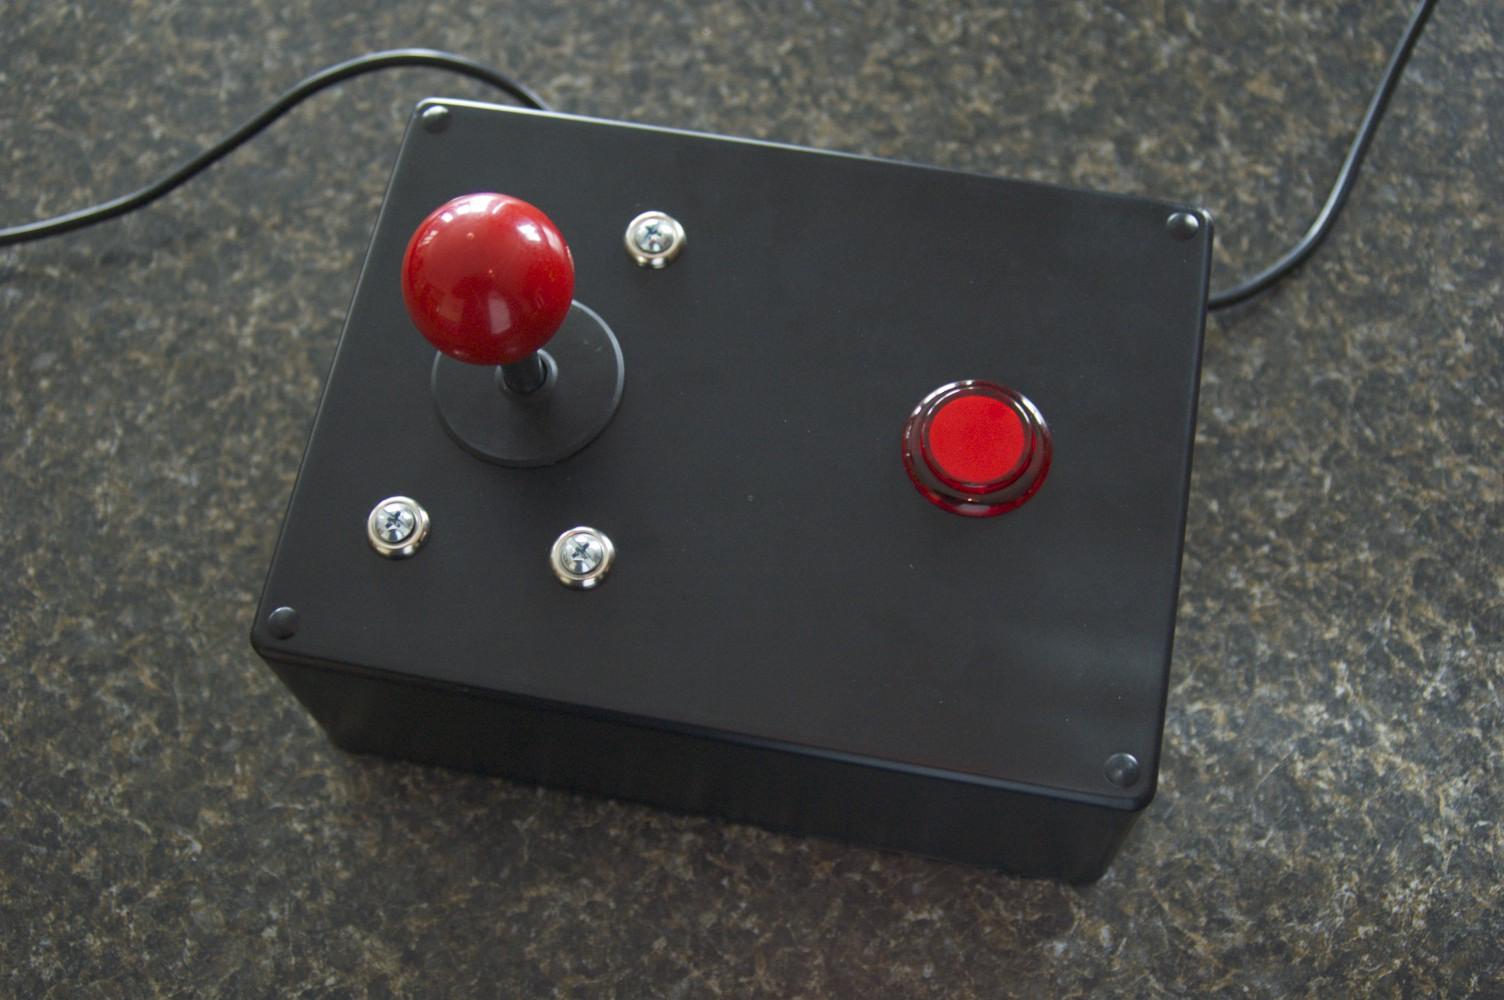 Make Your Own Atari Joystick